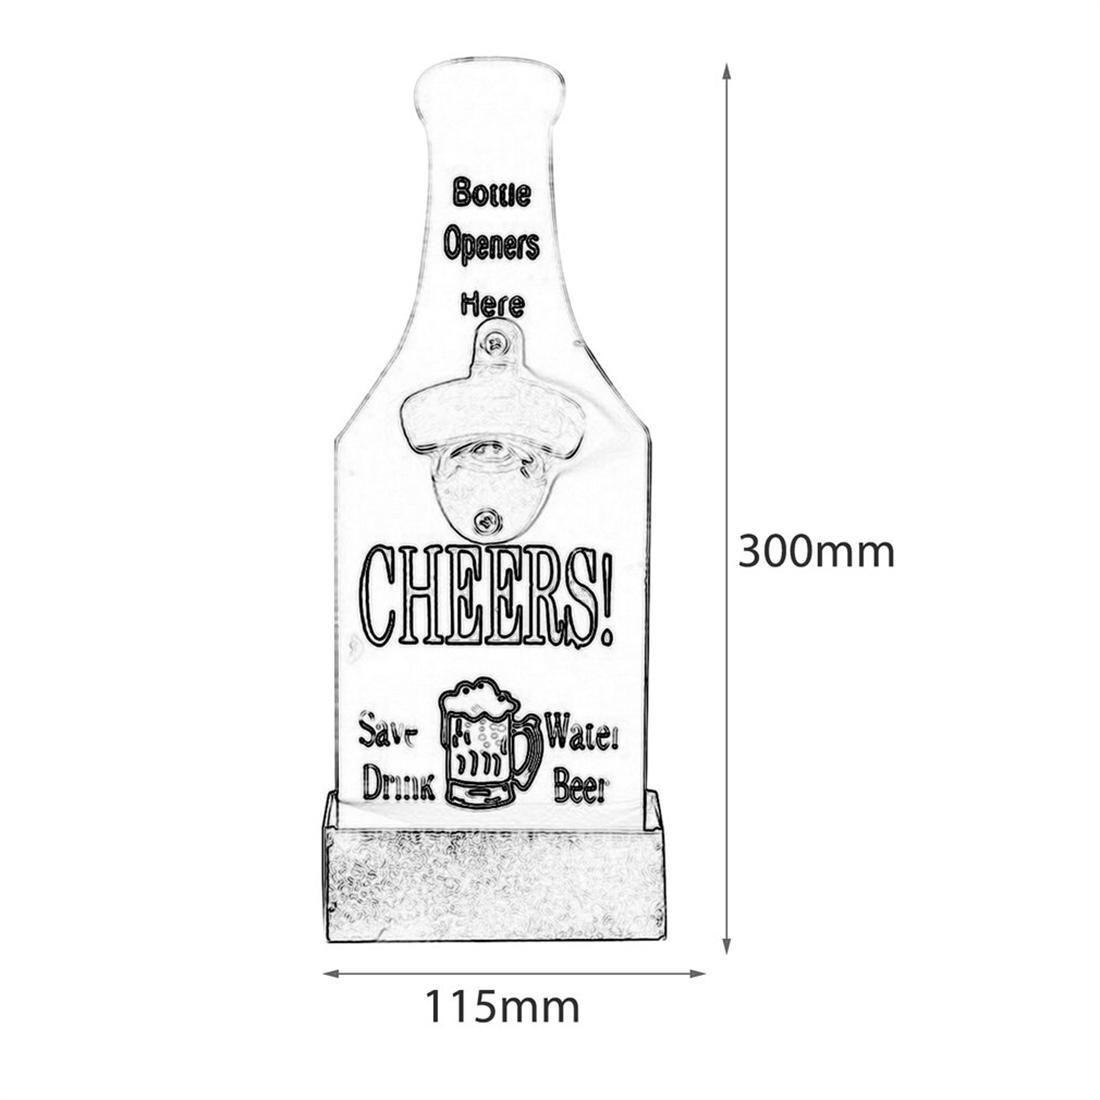 Abridor de garrafas de cerveja barra de parede com tampa Cap Catcher Moda Cap vintage de garrafas de cerveja captura parede abridores de garrafas para parede Decoração -Gray